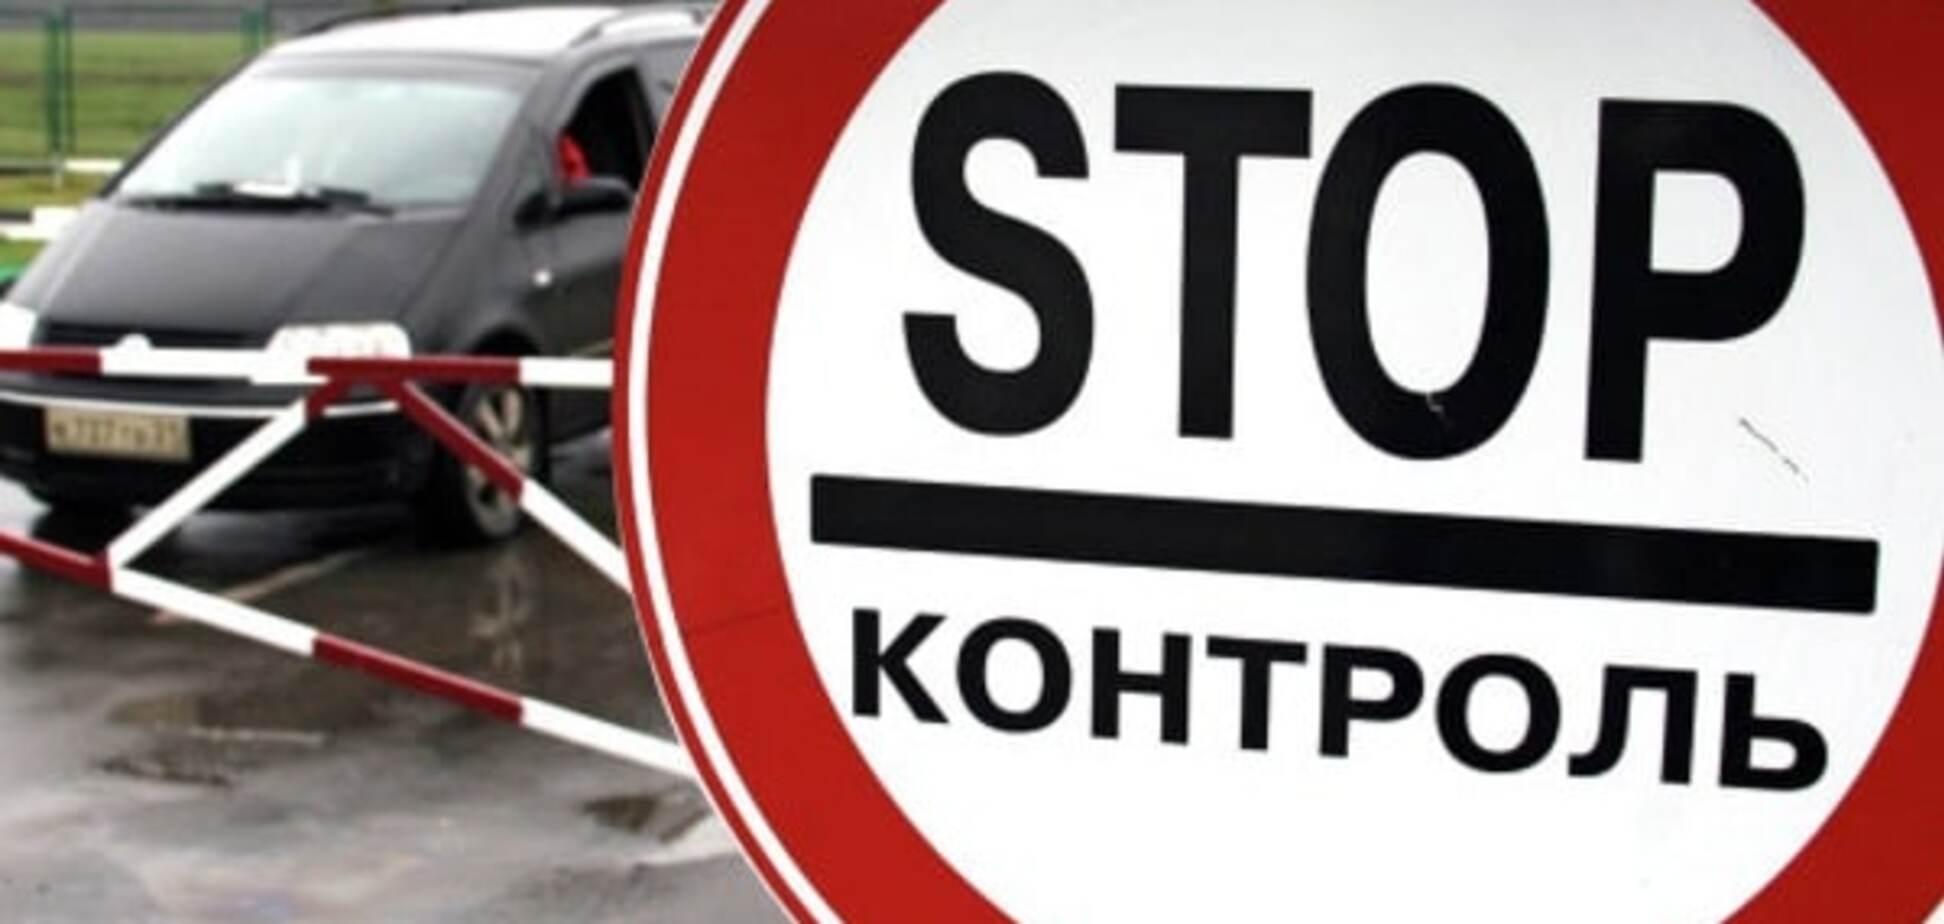 Удар по експорту: Кремль викрили в підготовці нової 'гібридної войни' проти України